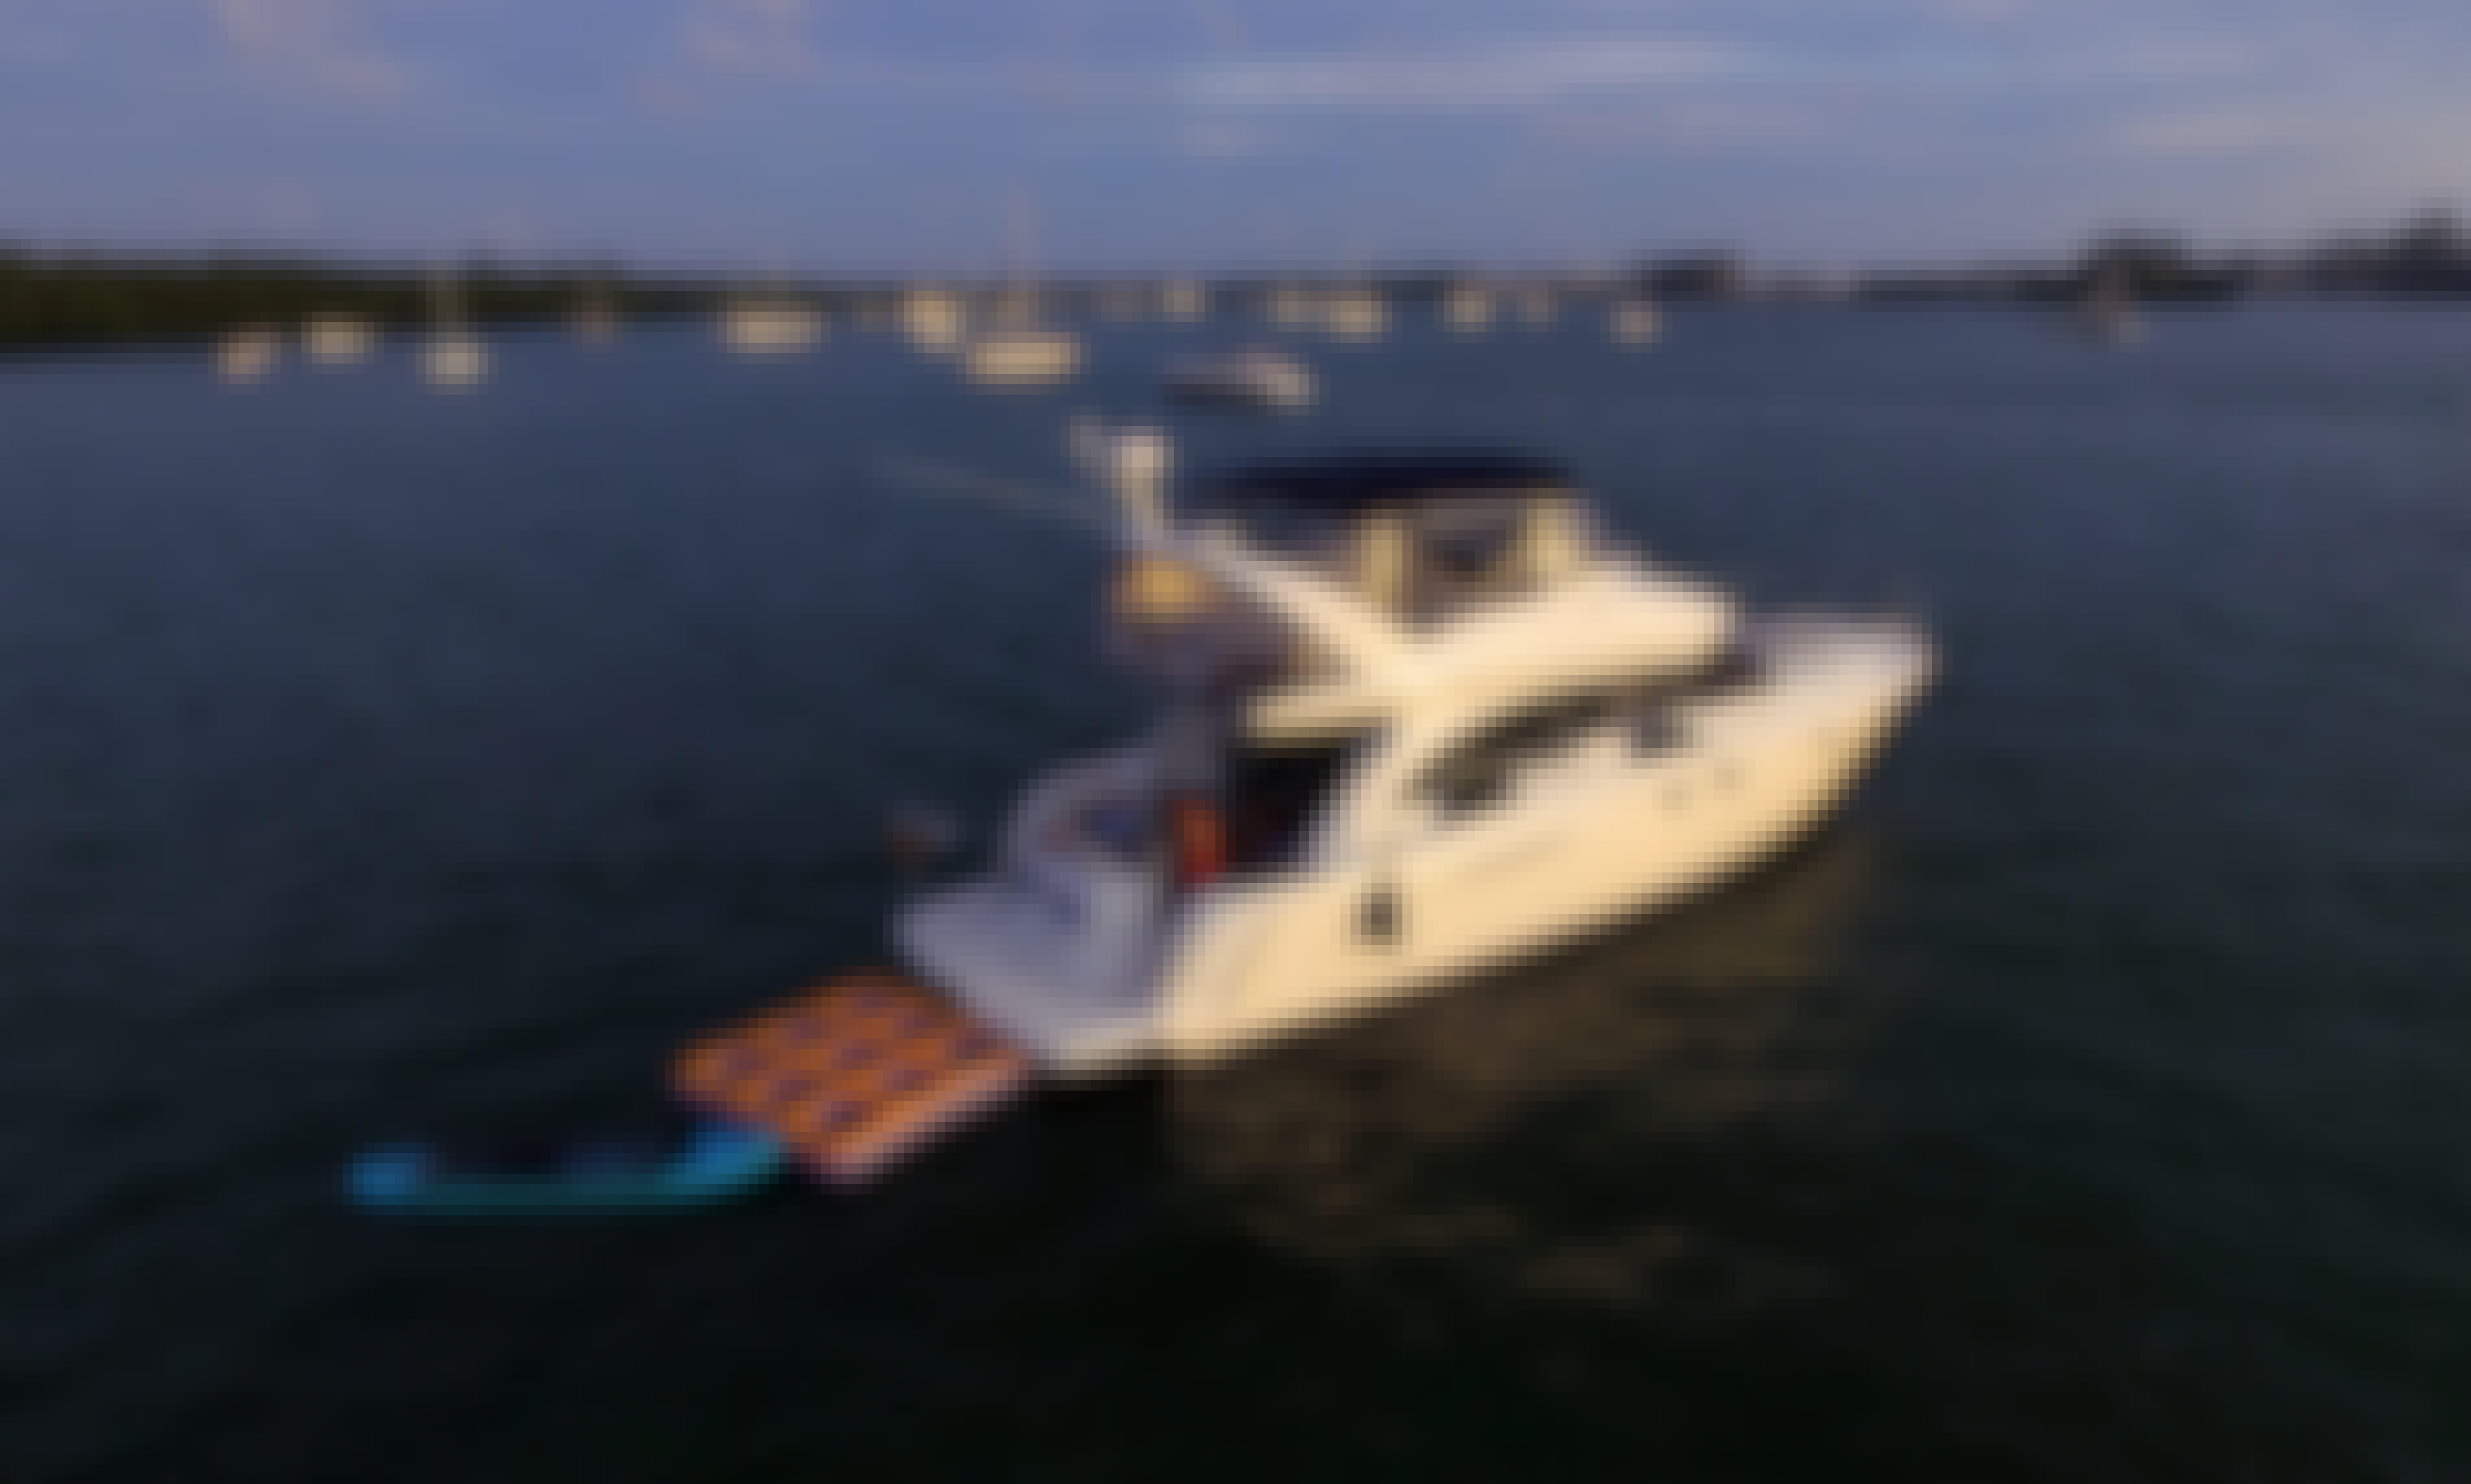 Miami Rental Boats - 43' Meridian w/ FlyBridge & Lots of Water Toys!